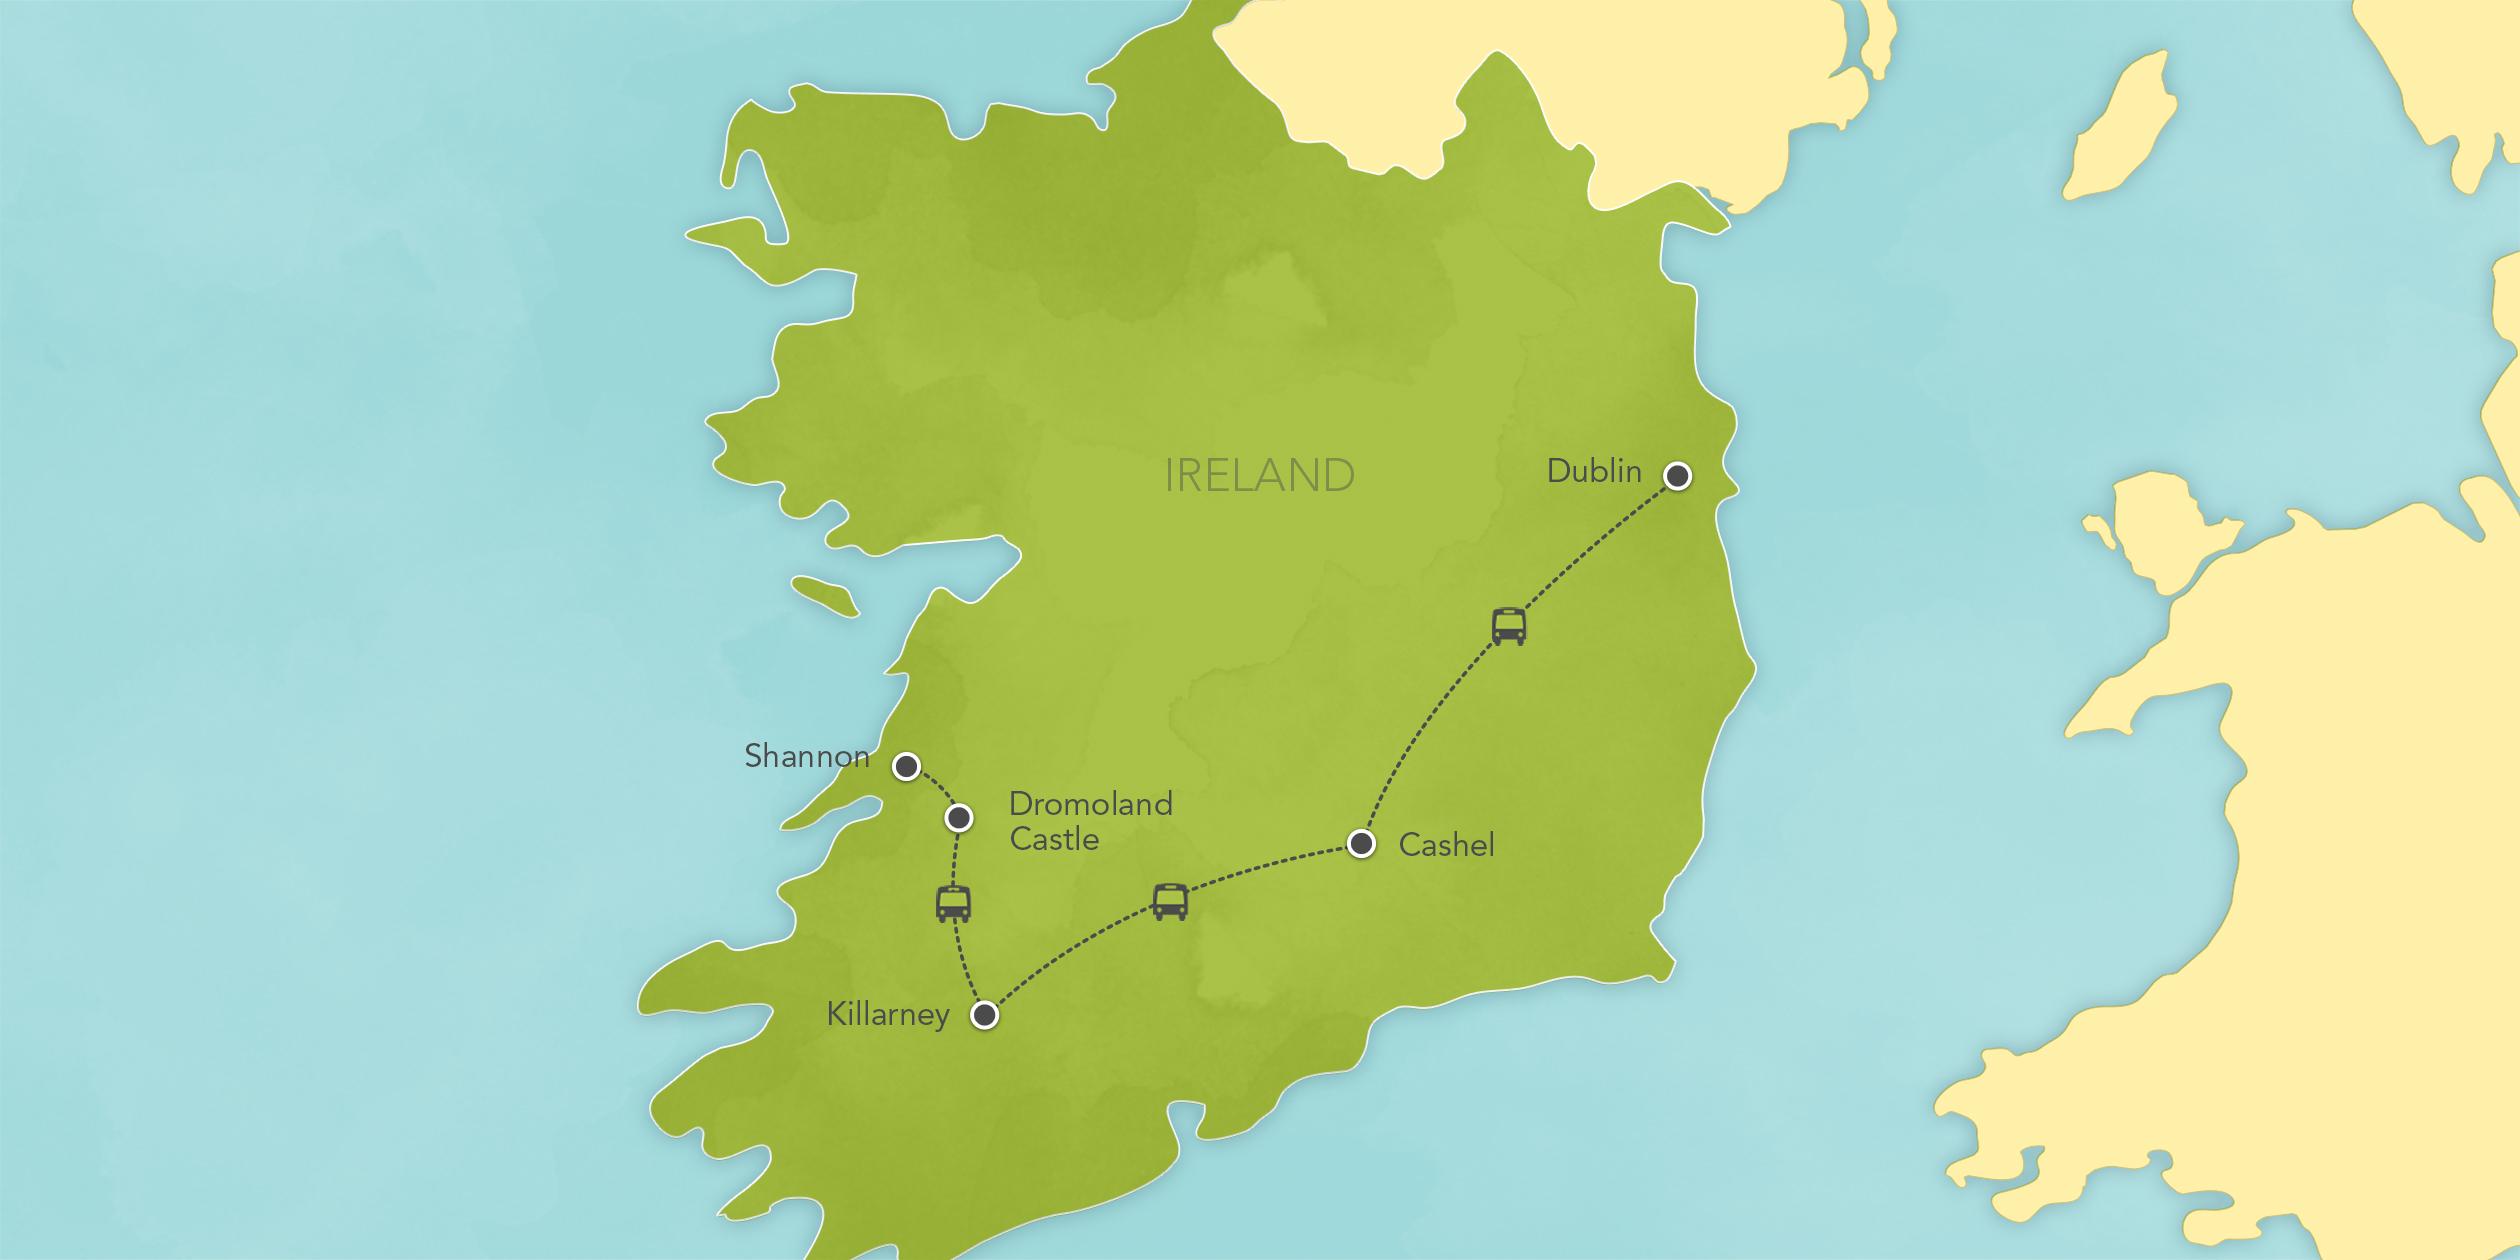 Itinerary map of Ireland: Dublin, Killarney, Blarney, Dromoland Castle 2017